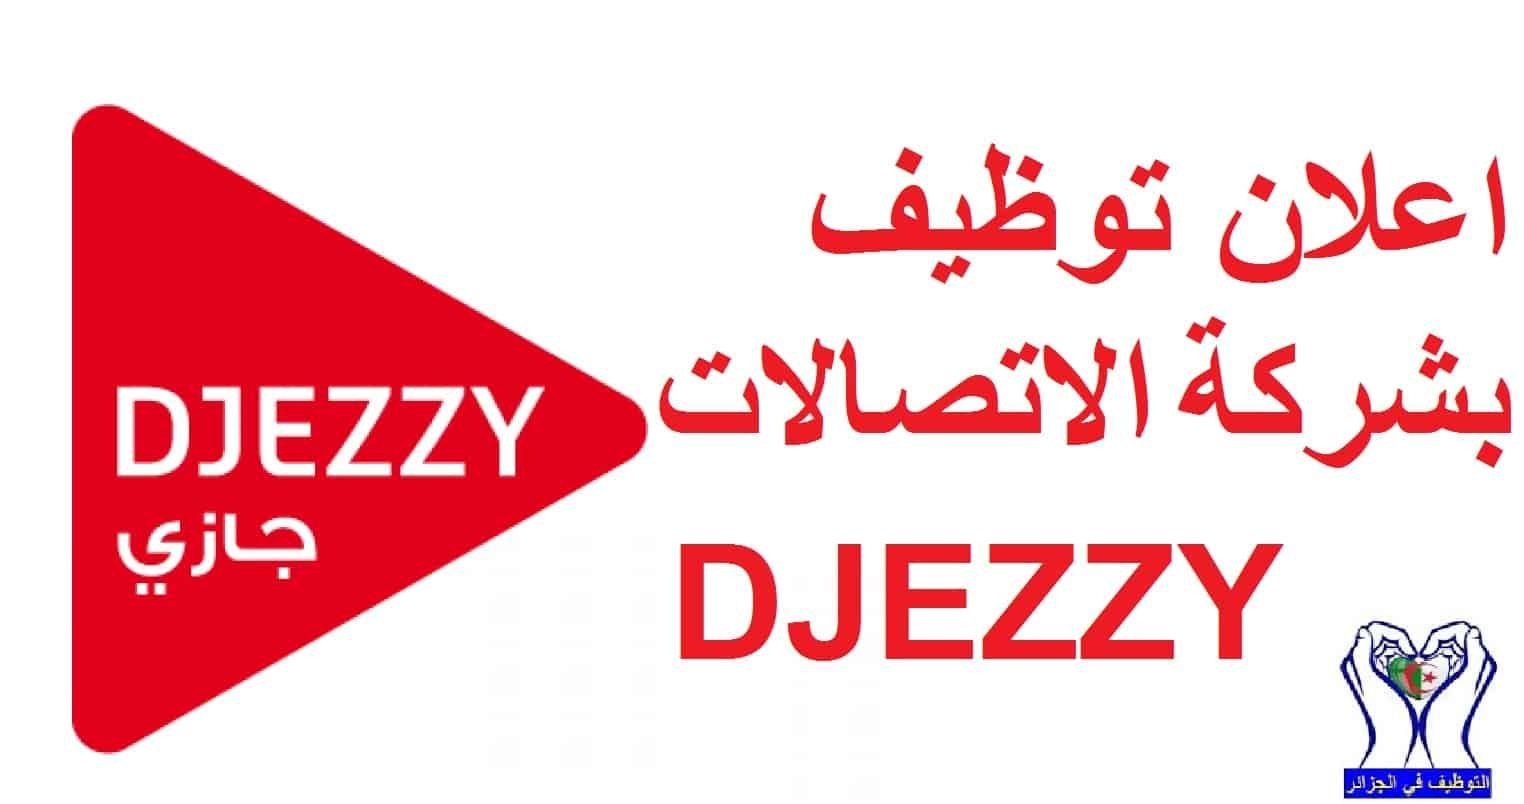 اعلان عن توظيف بشركة الاتصالات جيزي Djezzy التوظيف في الجزائر Arabic Calligraphy Calligraphy